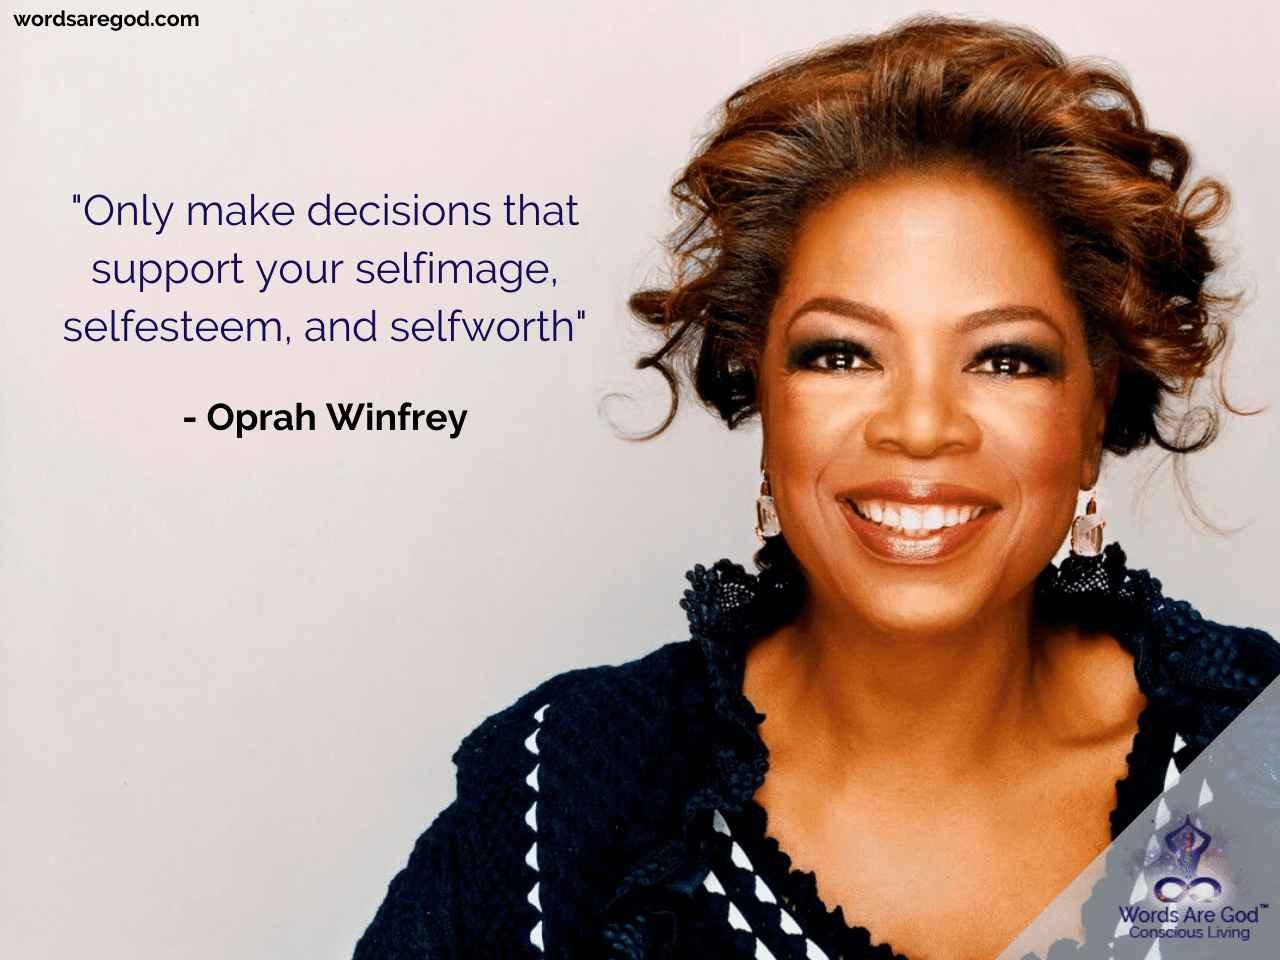 Oprah Winfrey Life Quote by Oprah Winfrey